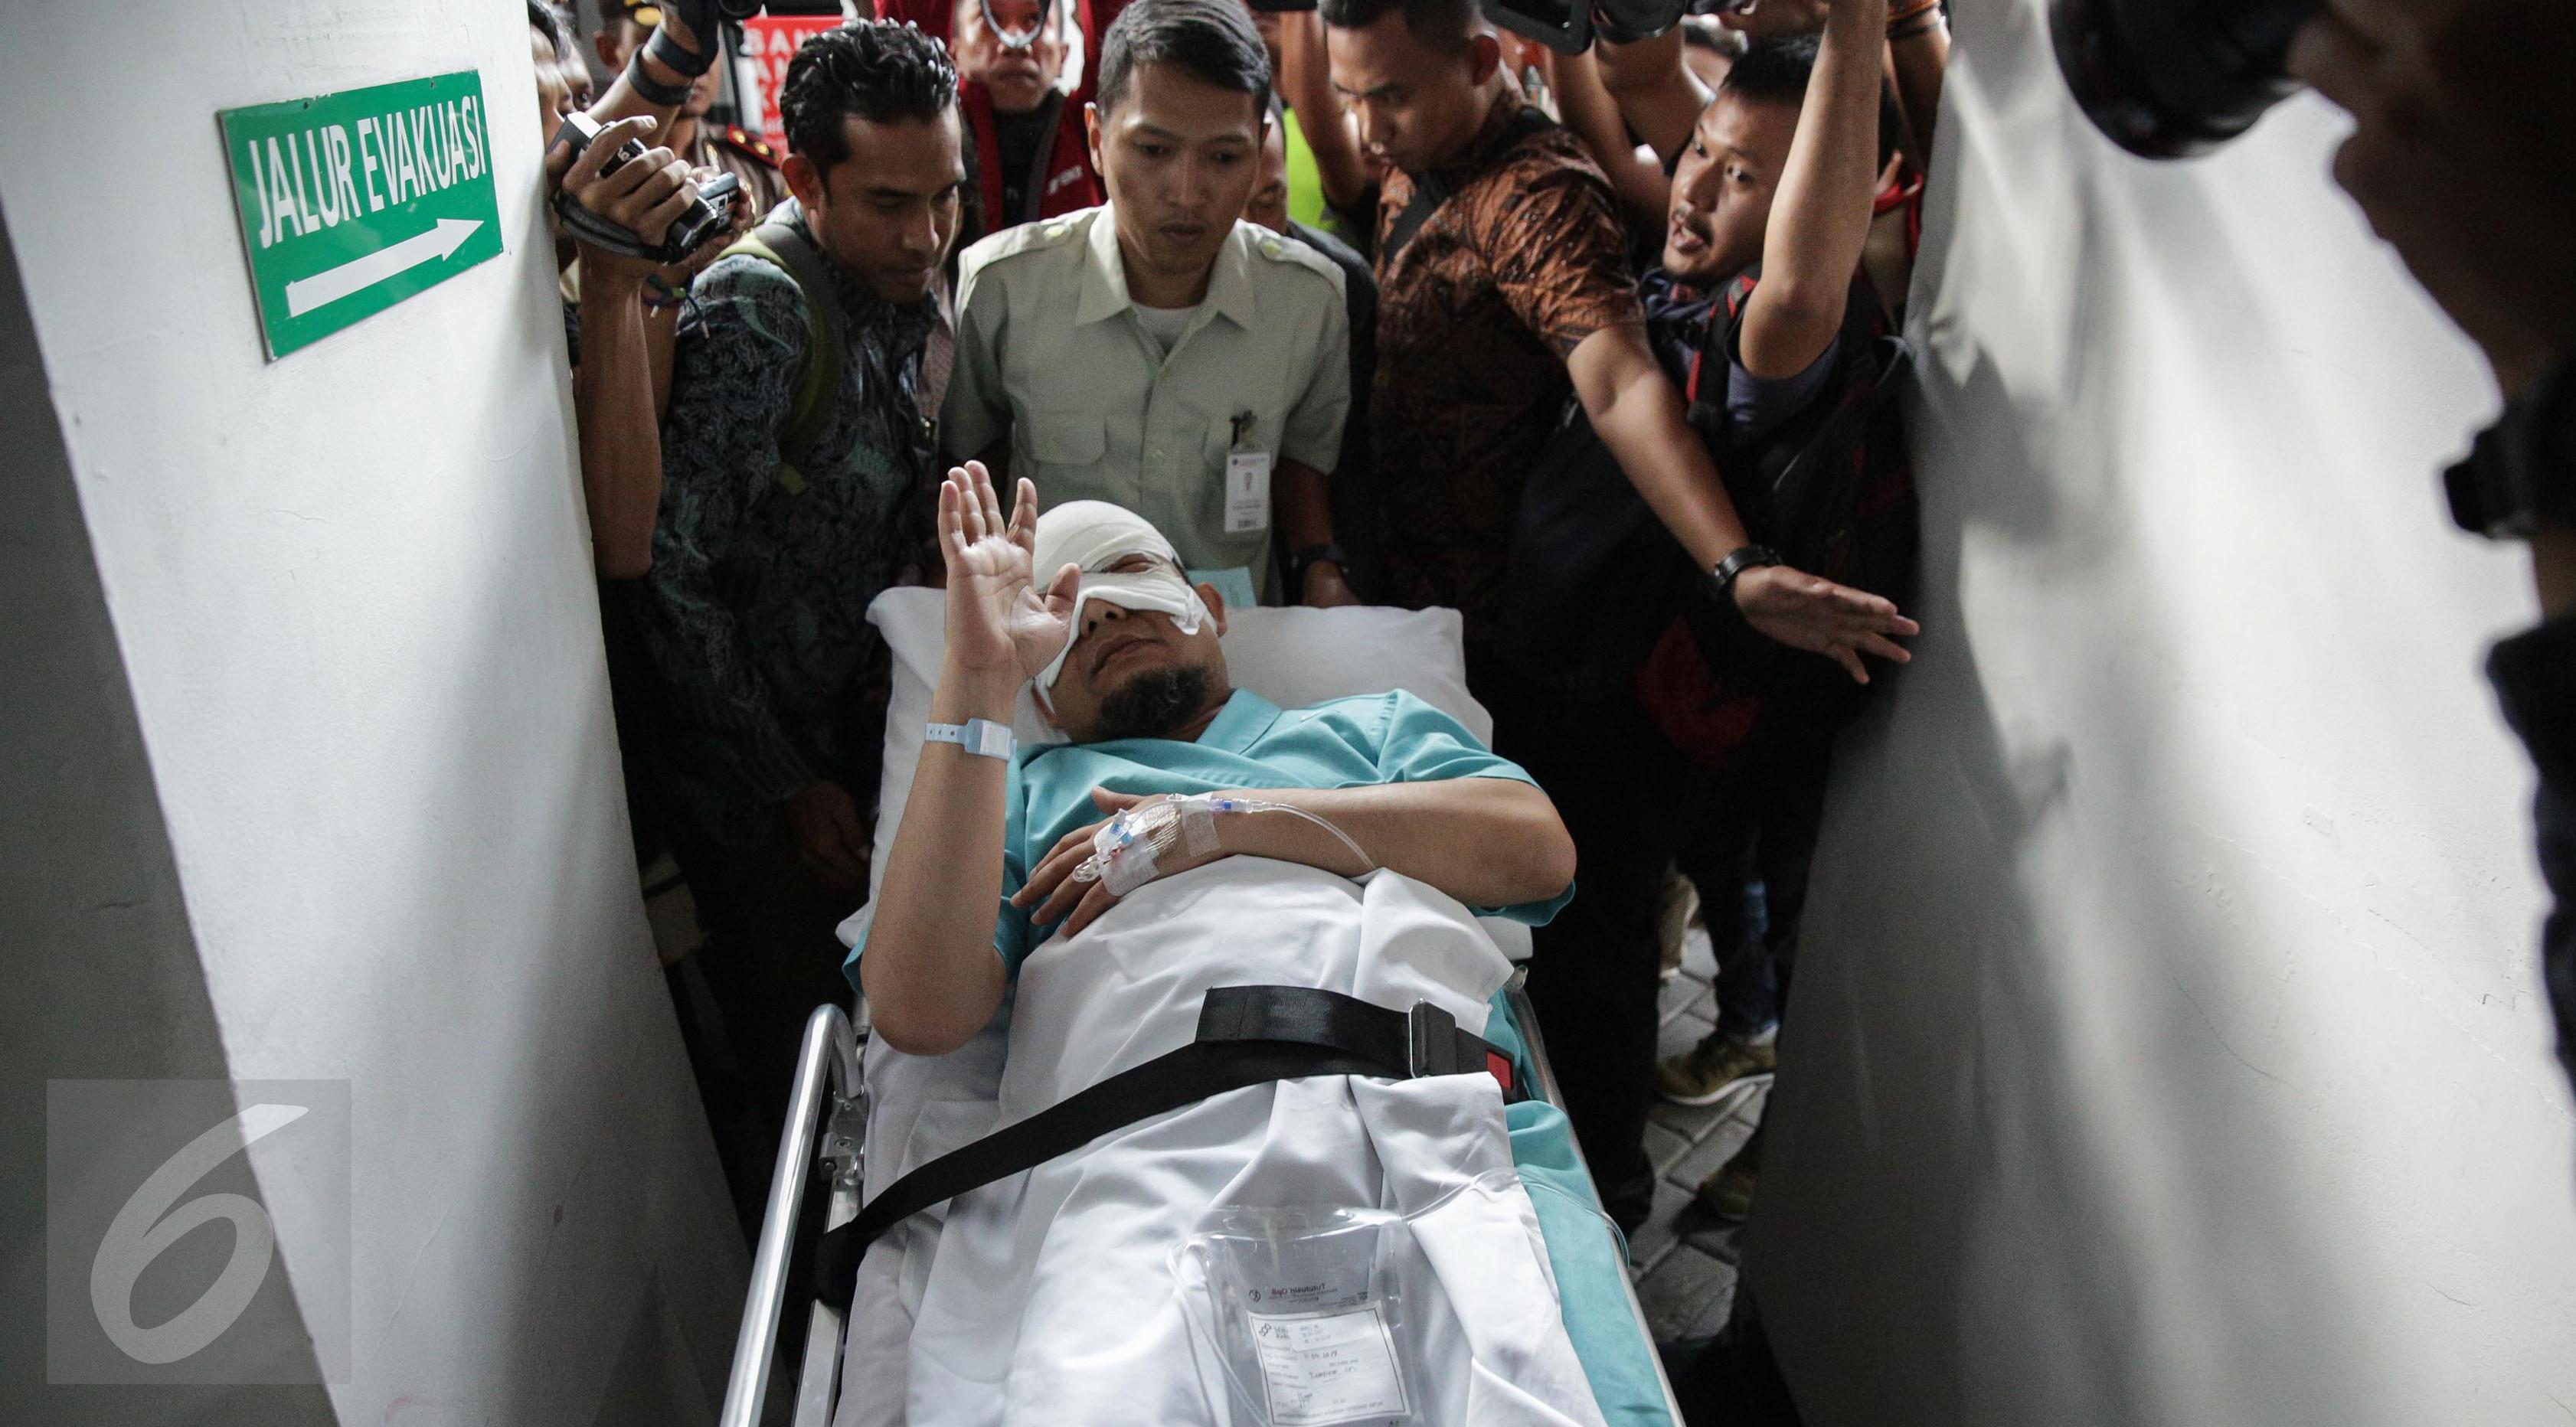 Penyidik KPK, Novel Baswedan tiba di RS Jakarta Eye Center (JEC), Menteng, Jakarta, Selasa (11/4). Pemindahan Novel Baswedan RS JEC agar mendapatkan perawatan yang lebih intensif untuk matanya. (Liputan6.com/Faizal Fanani)